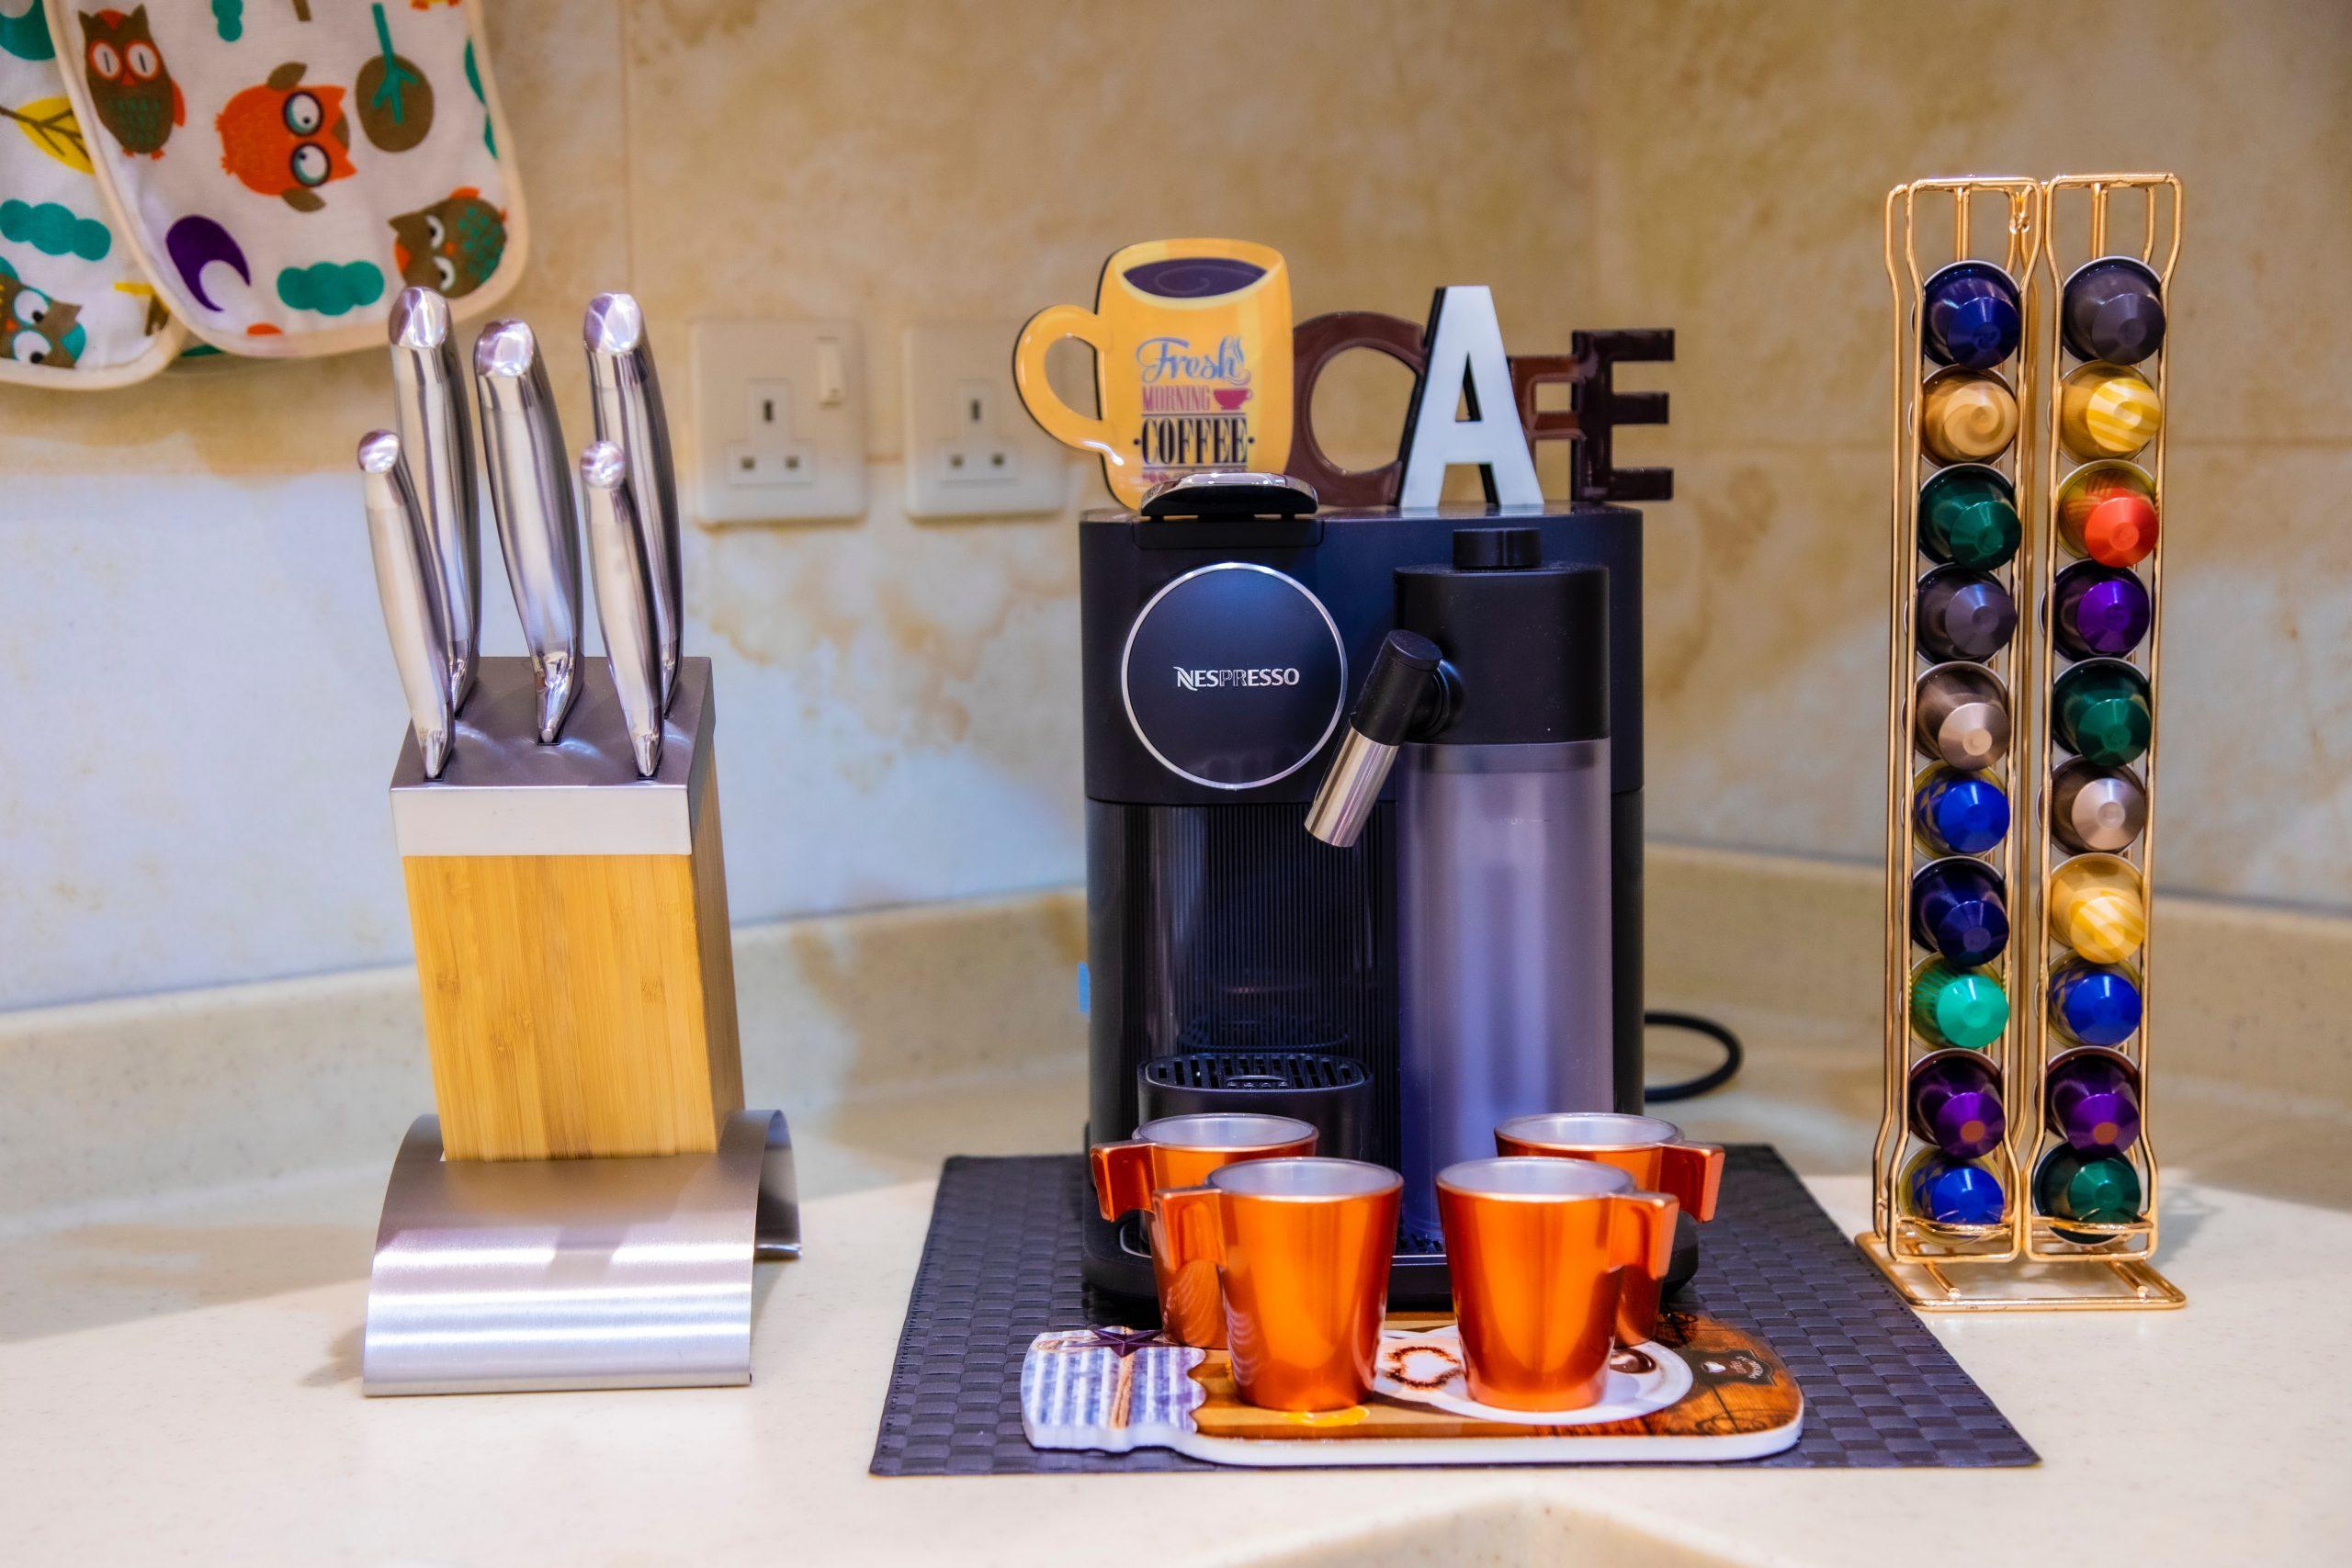 Na foto uma cafeteira Nespresso ao lado de um porta cápsulas, xícaras e um porta facas.